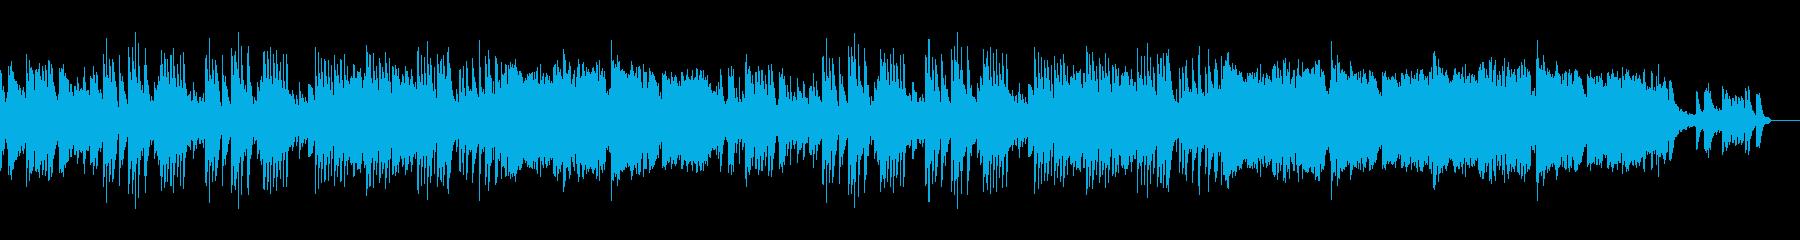 ピアノとフルートの明るいメロディアス楽曲の再生済みの波形